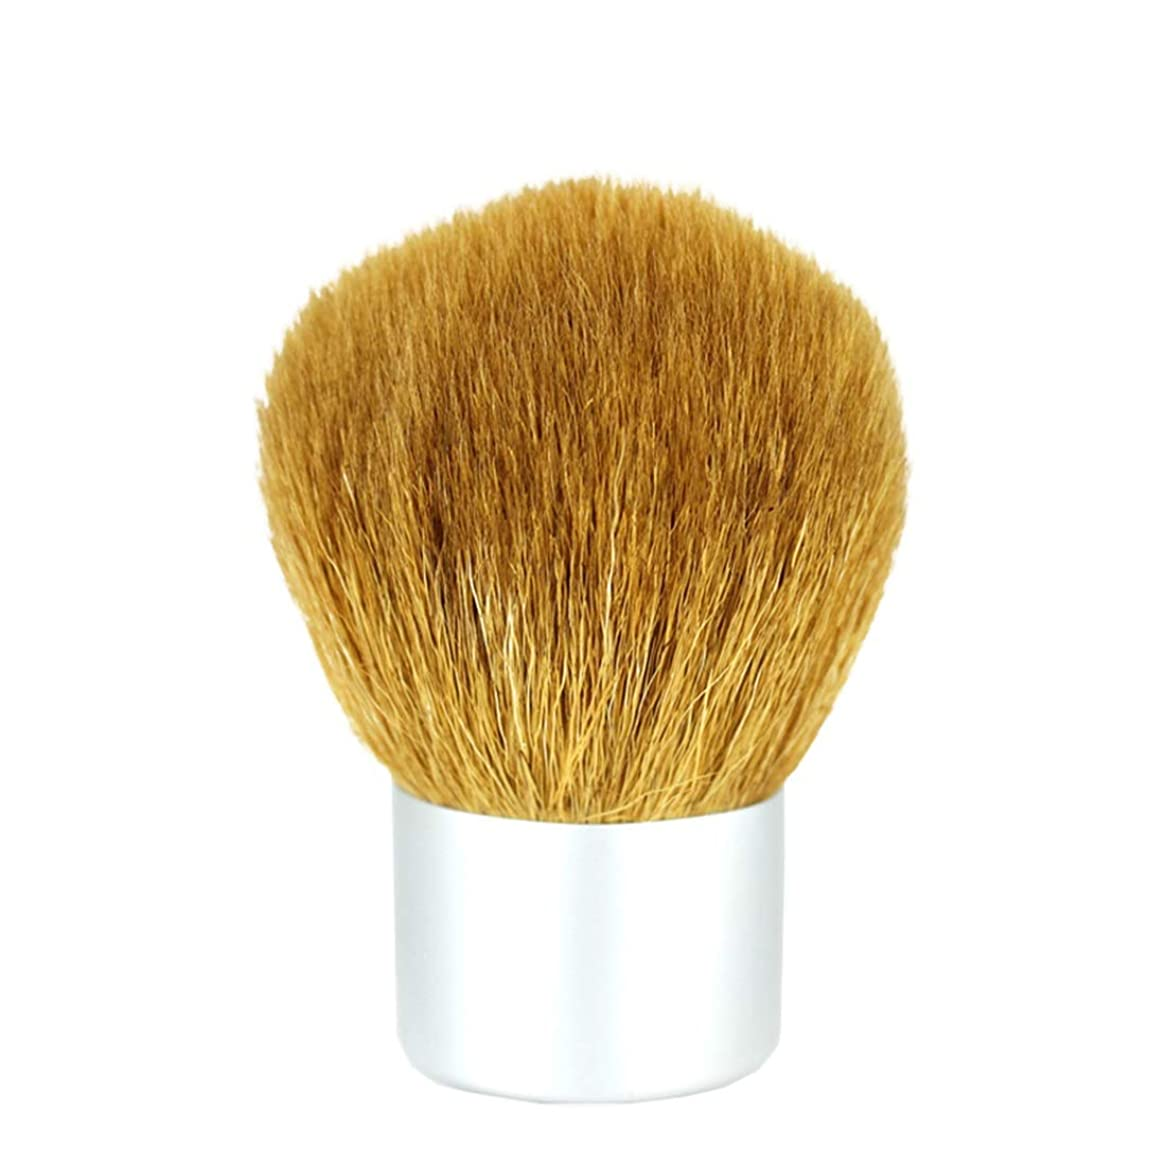 メアリアンジョーンズエレベーター条約Sdhisi Iu 2本の化粧ブラシツールファンデーションウールフェイス化粧ブラシ (色 : Silver)